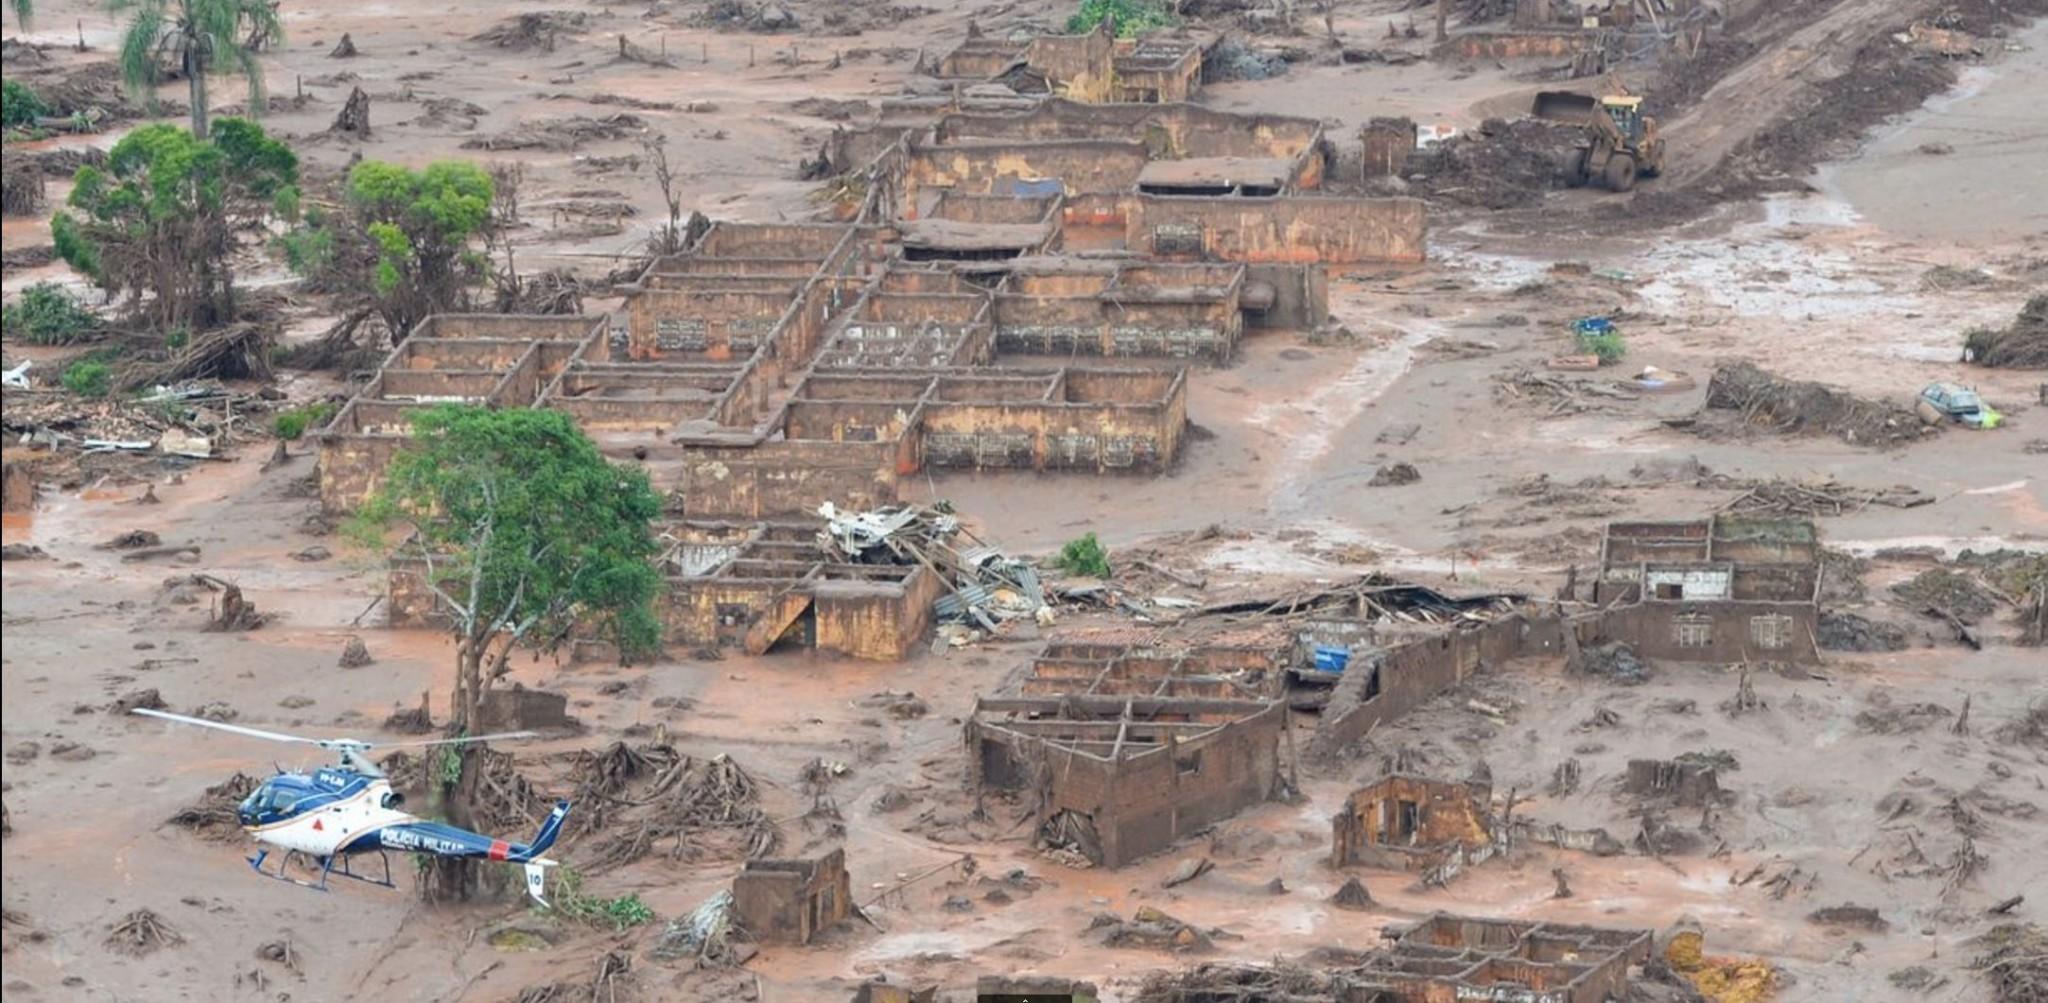 Unter Giftschlamm begraben © Antonio Cruz/Agência Brasil